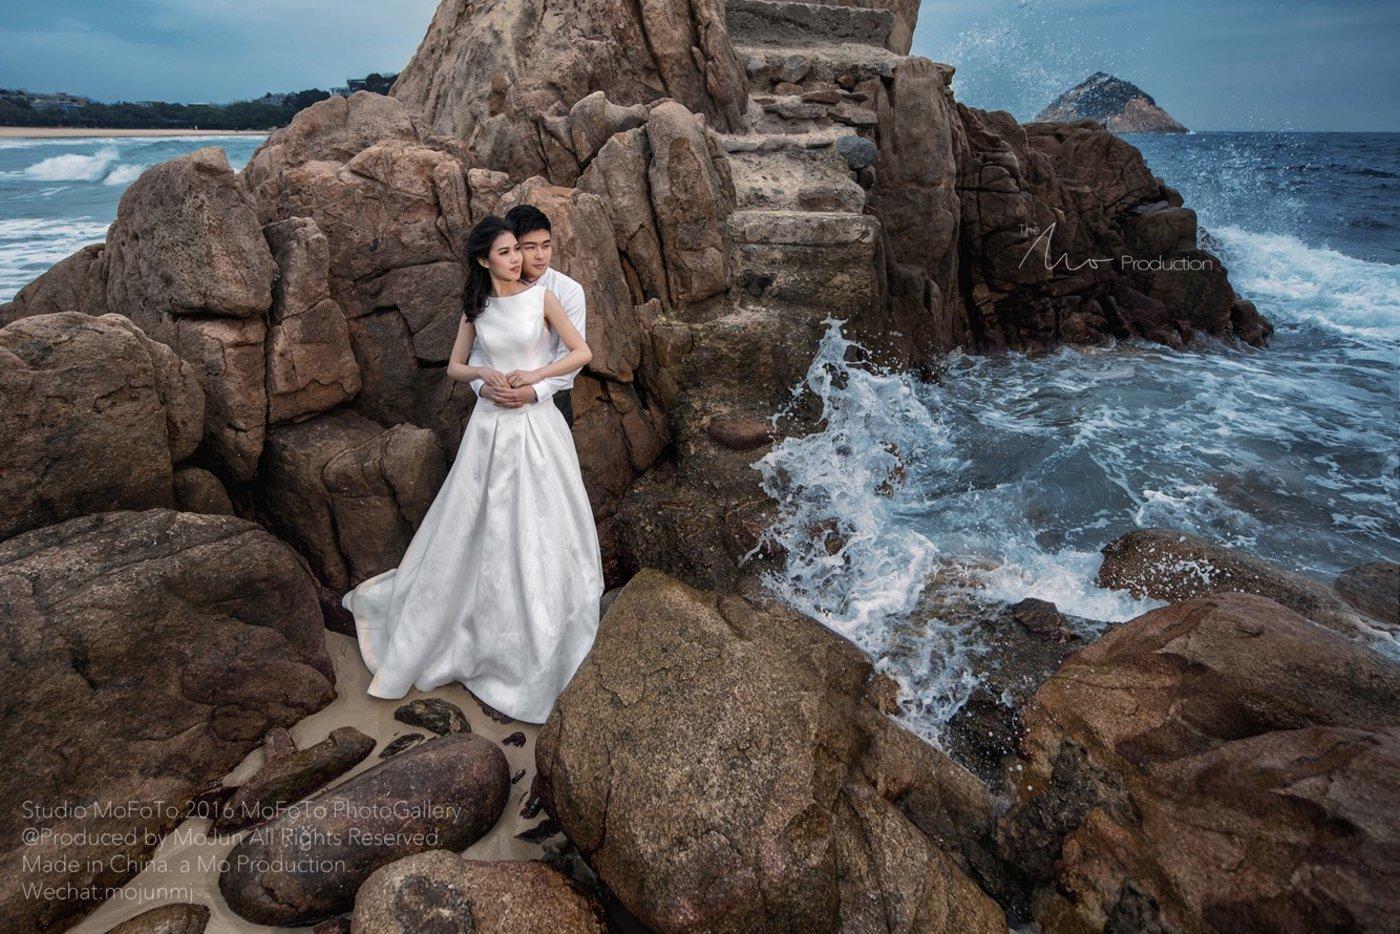 Mofoto 婚纱旅拍 香港7